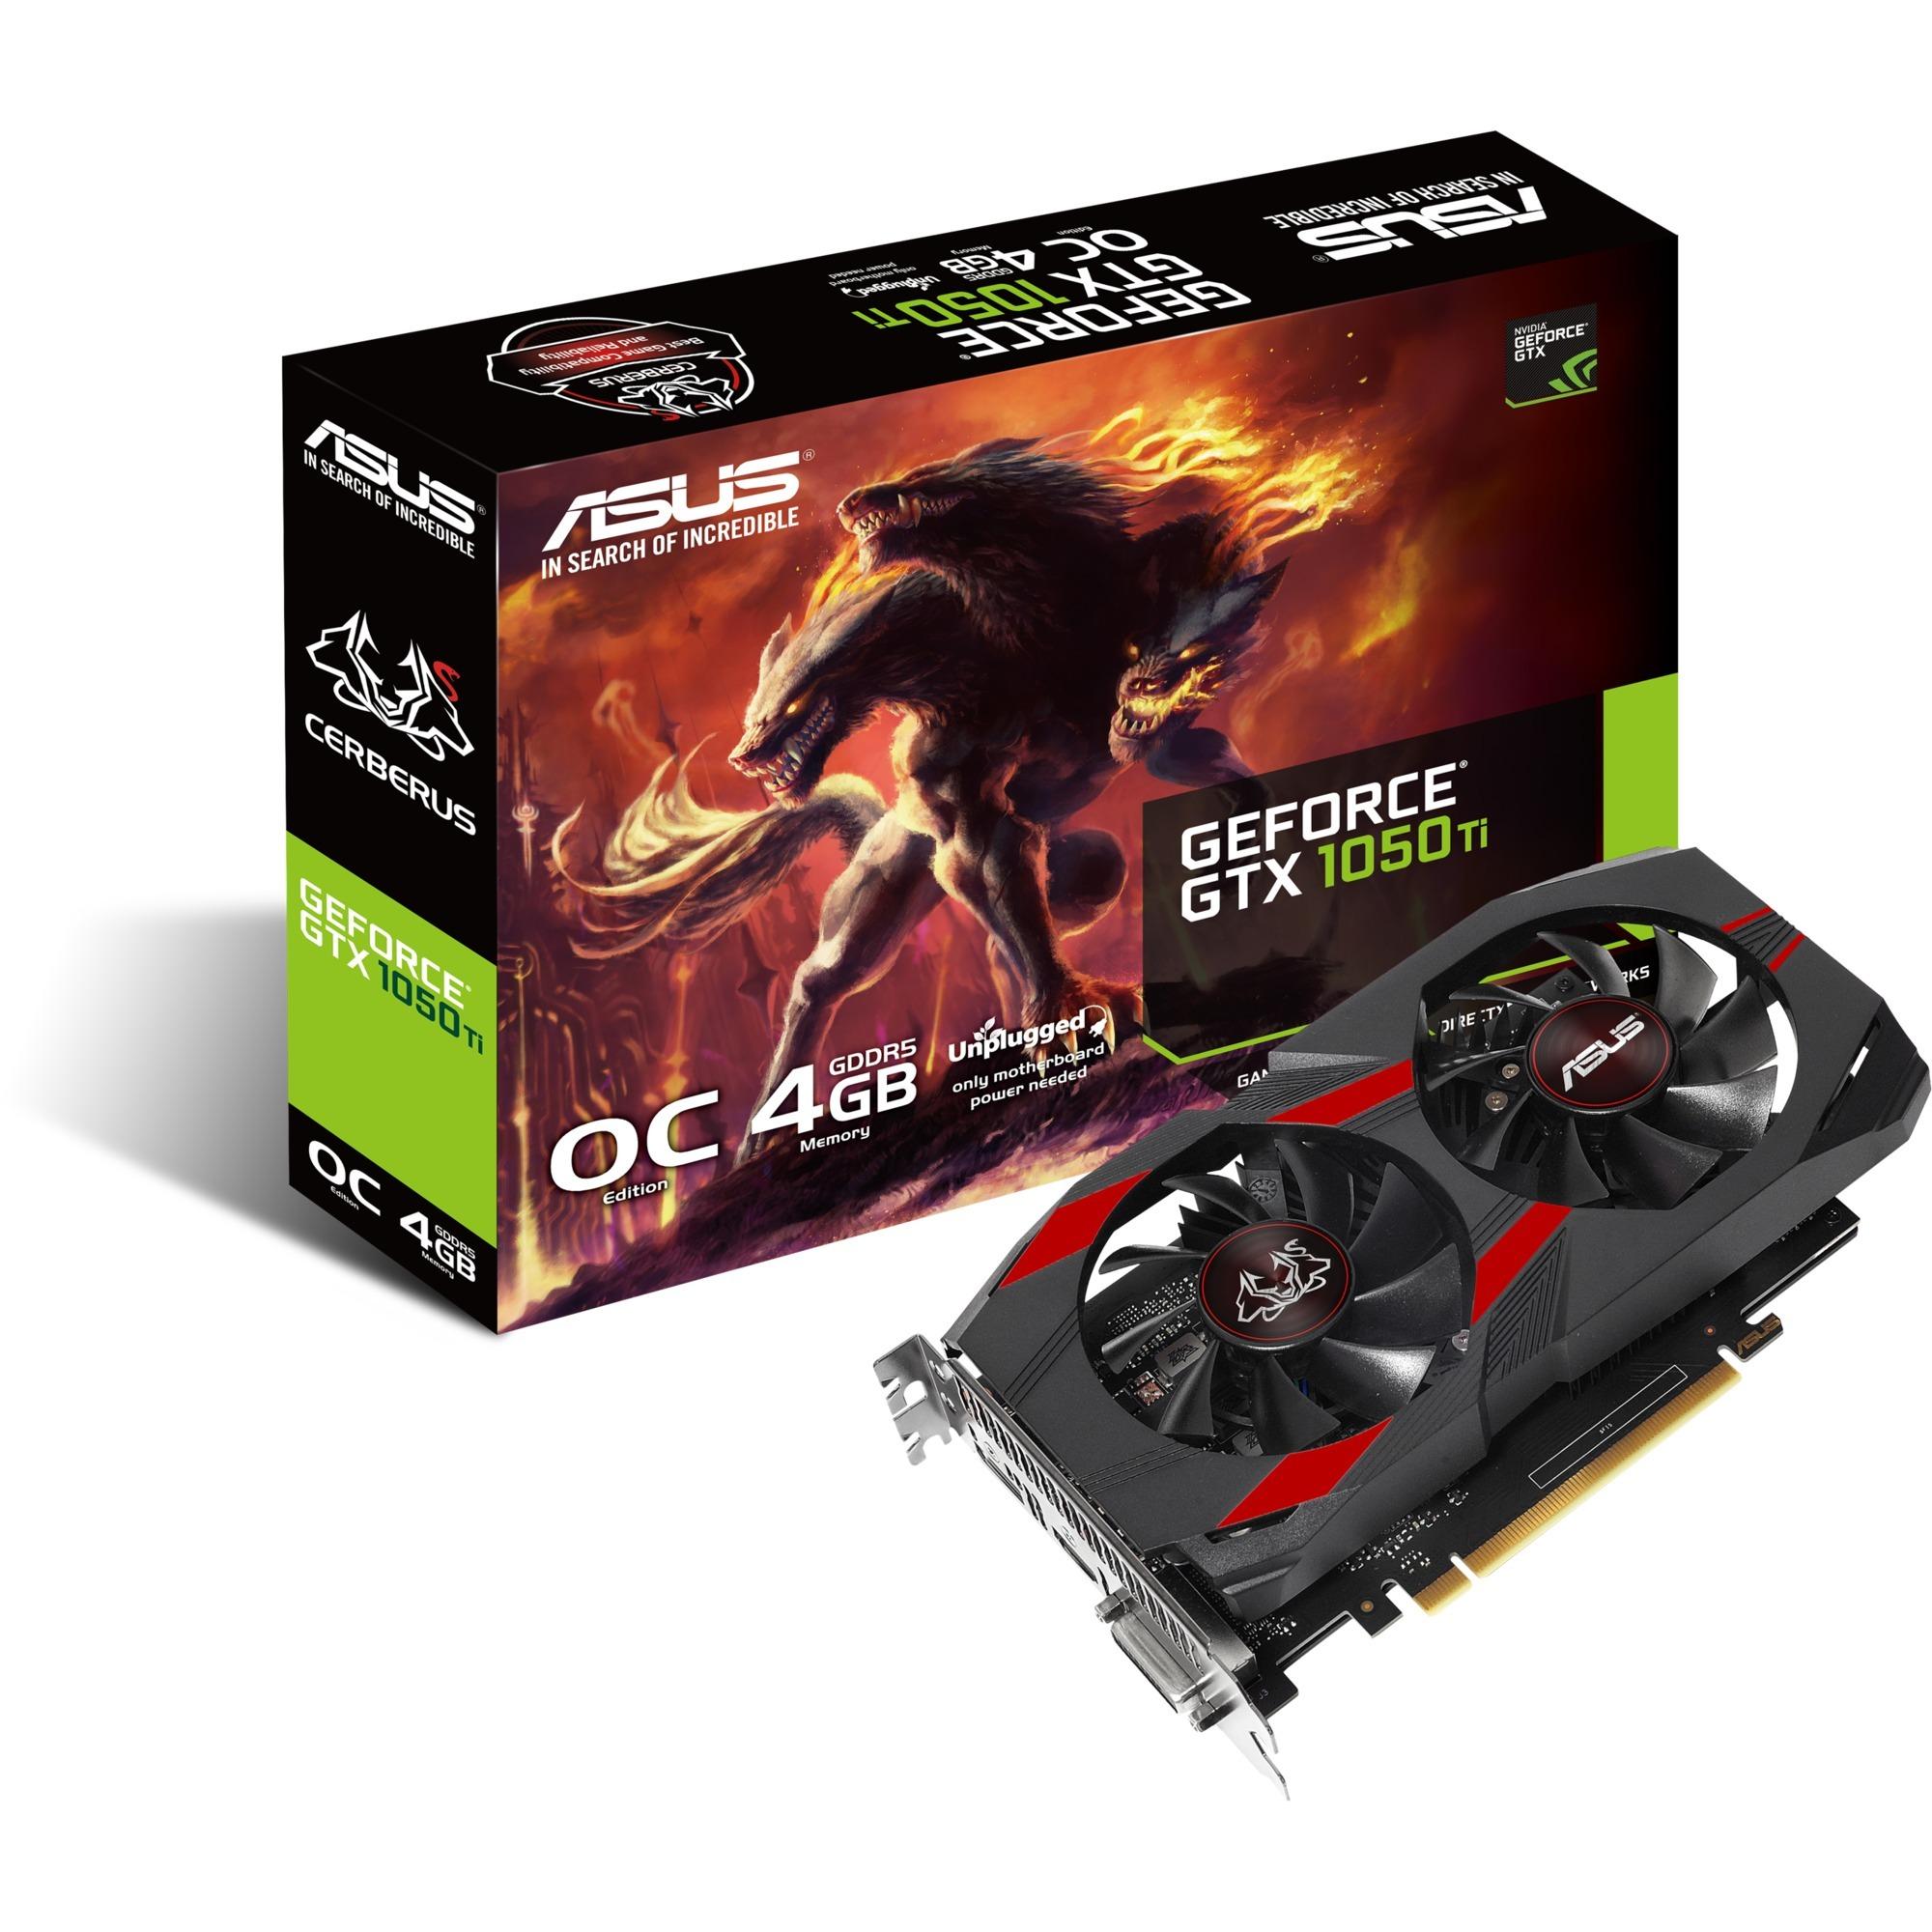 CERBERUS-GTX1050TI-O4G GeForce GTX 1050 Ti 4Go GDDR5, Carte graphique